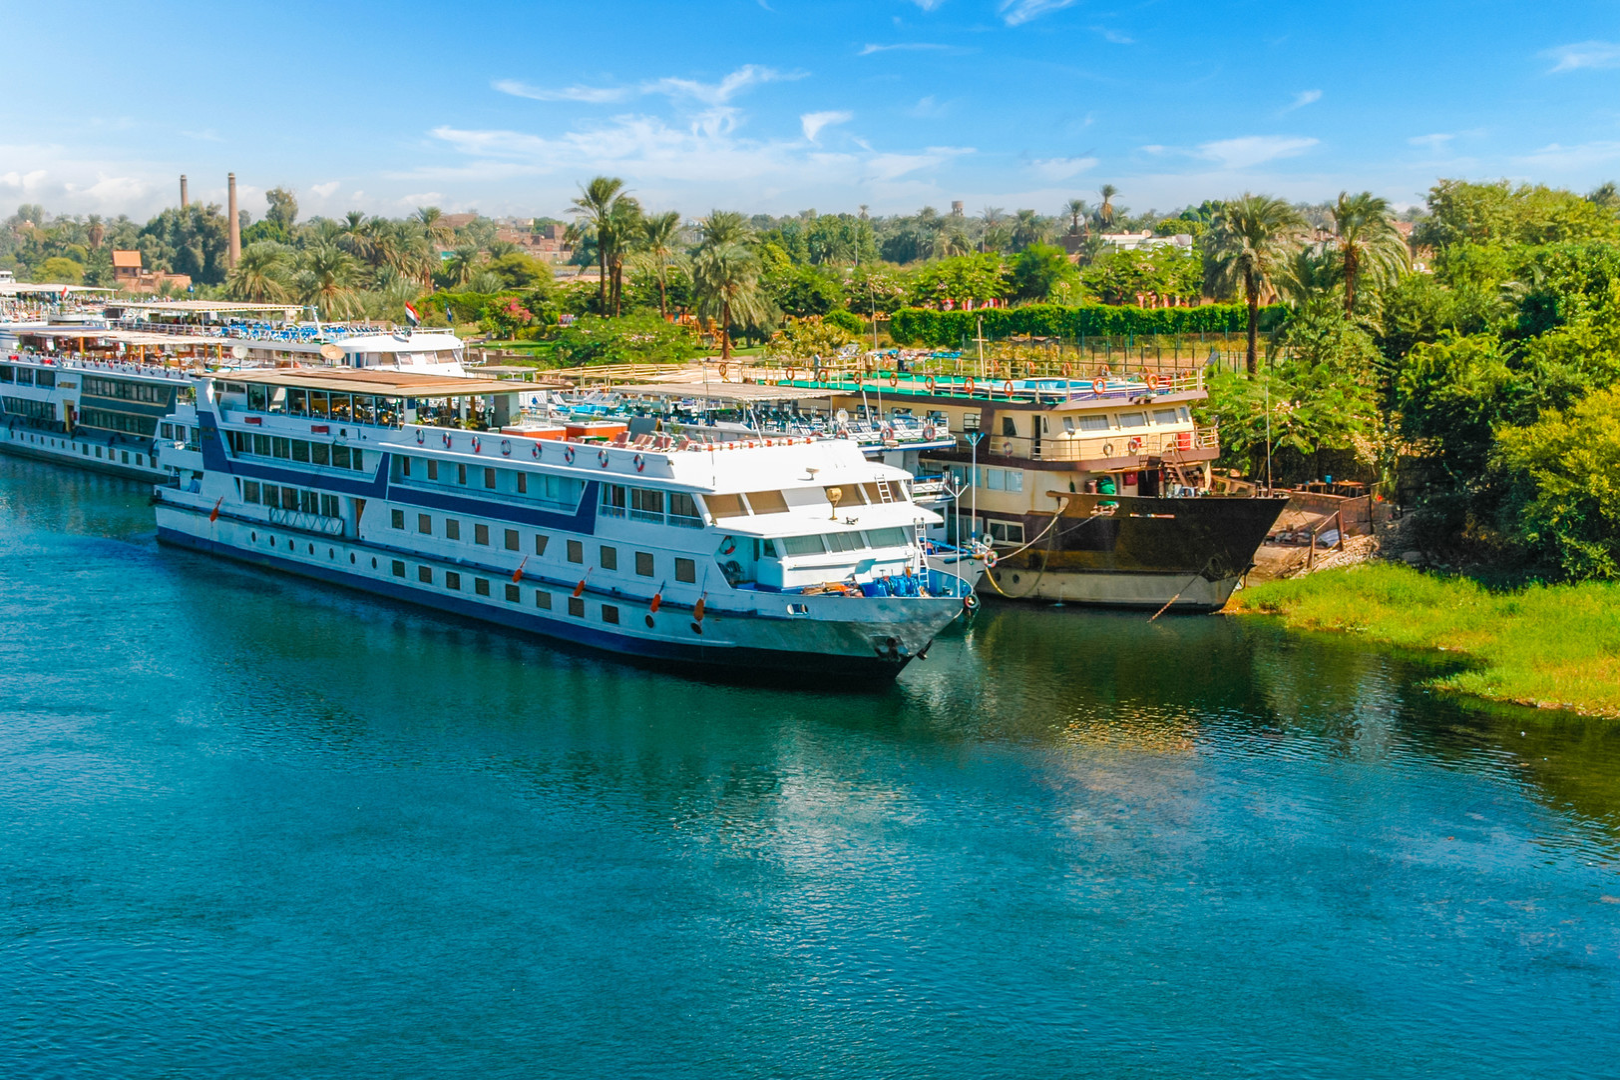 Hledání historie Egypta s plavbou po Nilu a pobytem v Marsa Alam #5